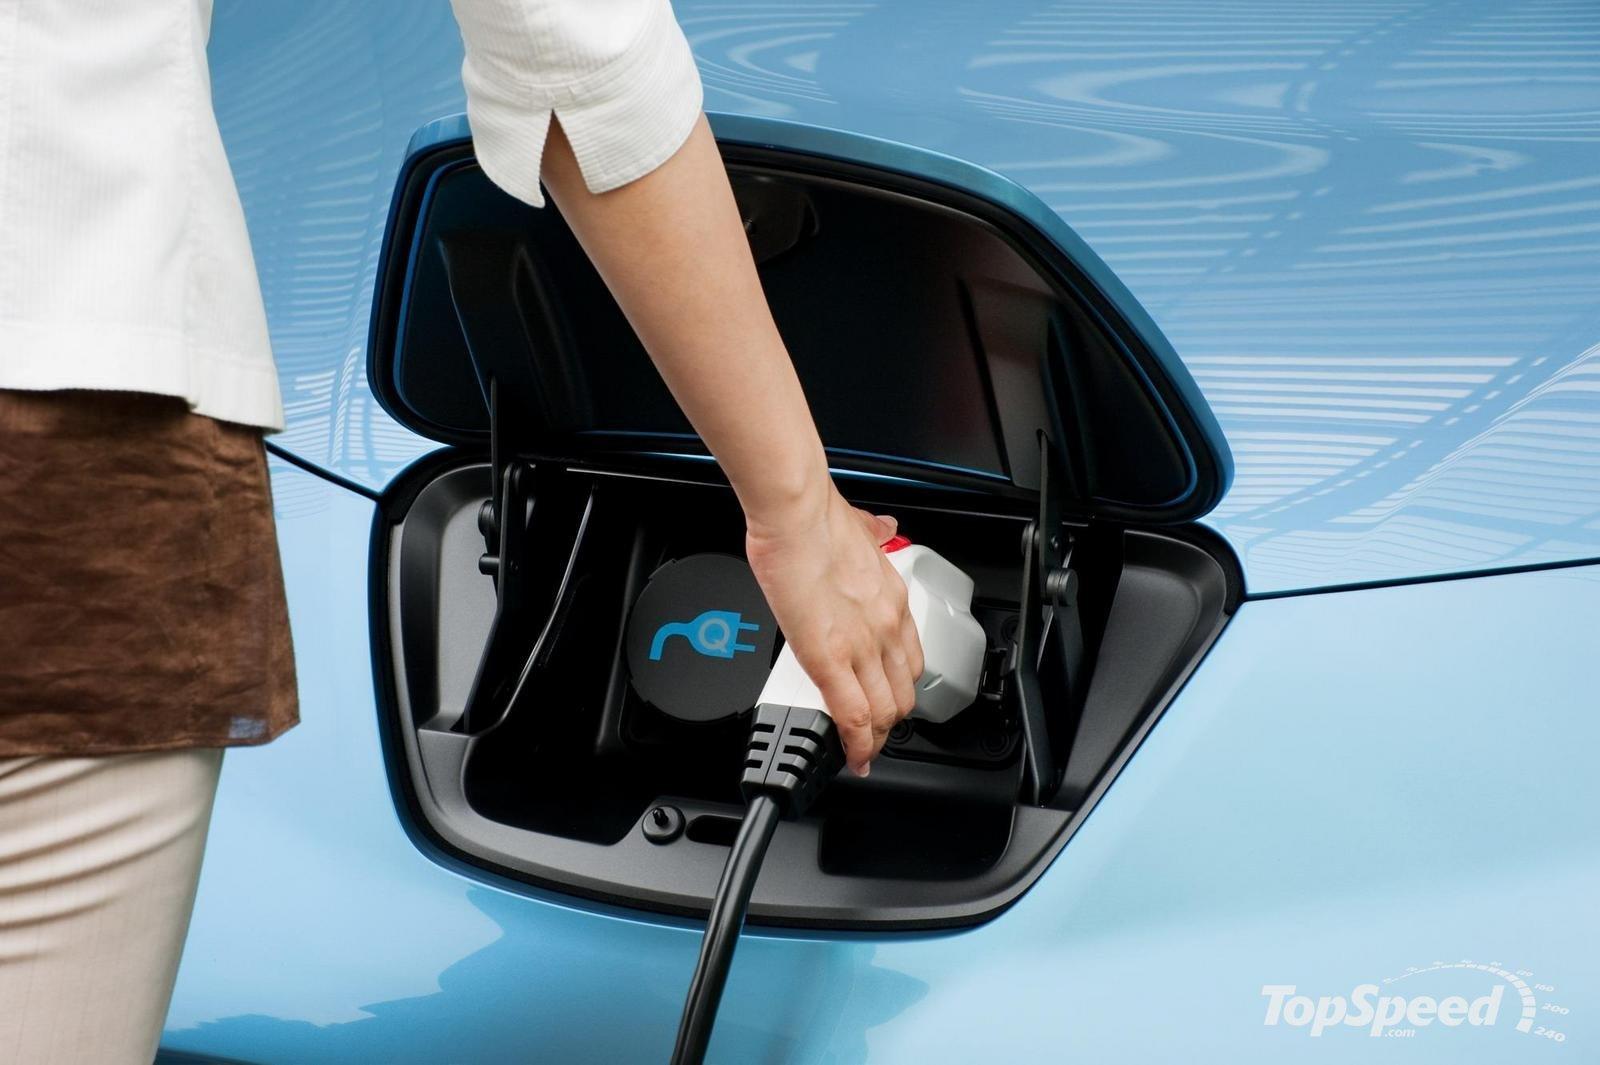 Coche eléctrico: En 2013 despega la venta de vehículos eléctricos